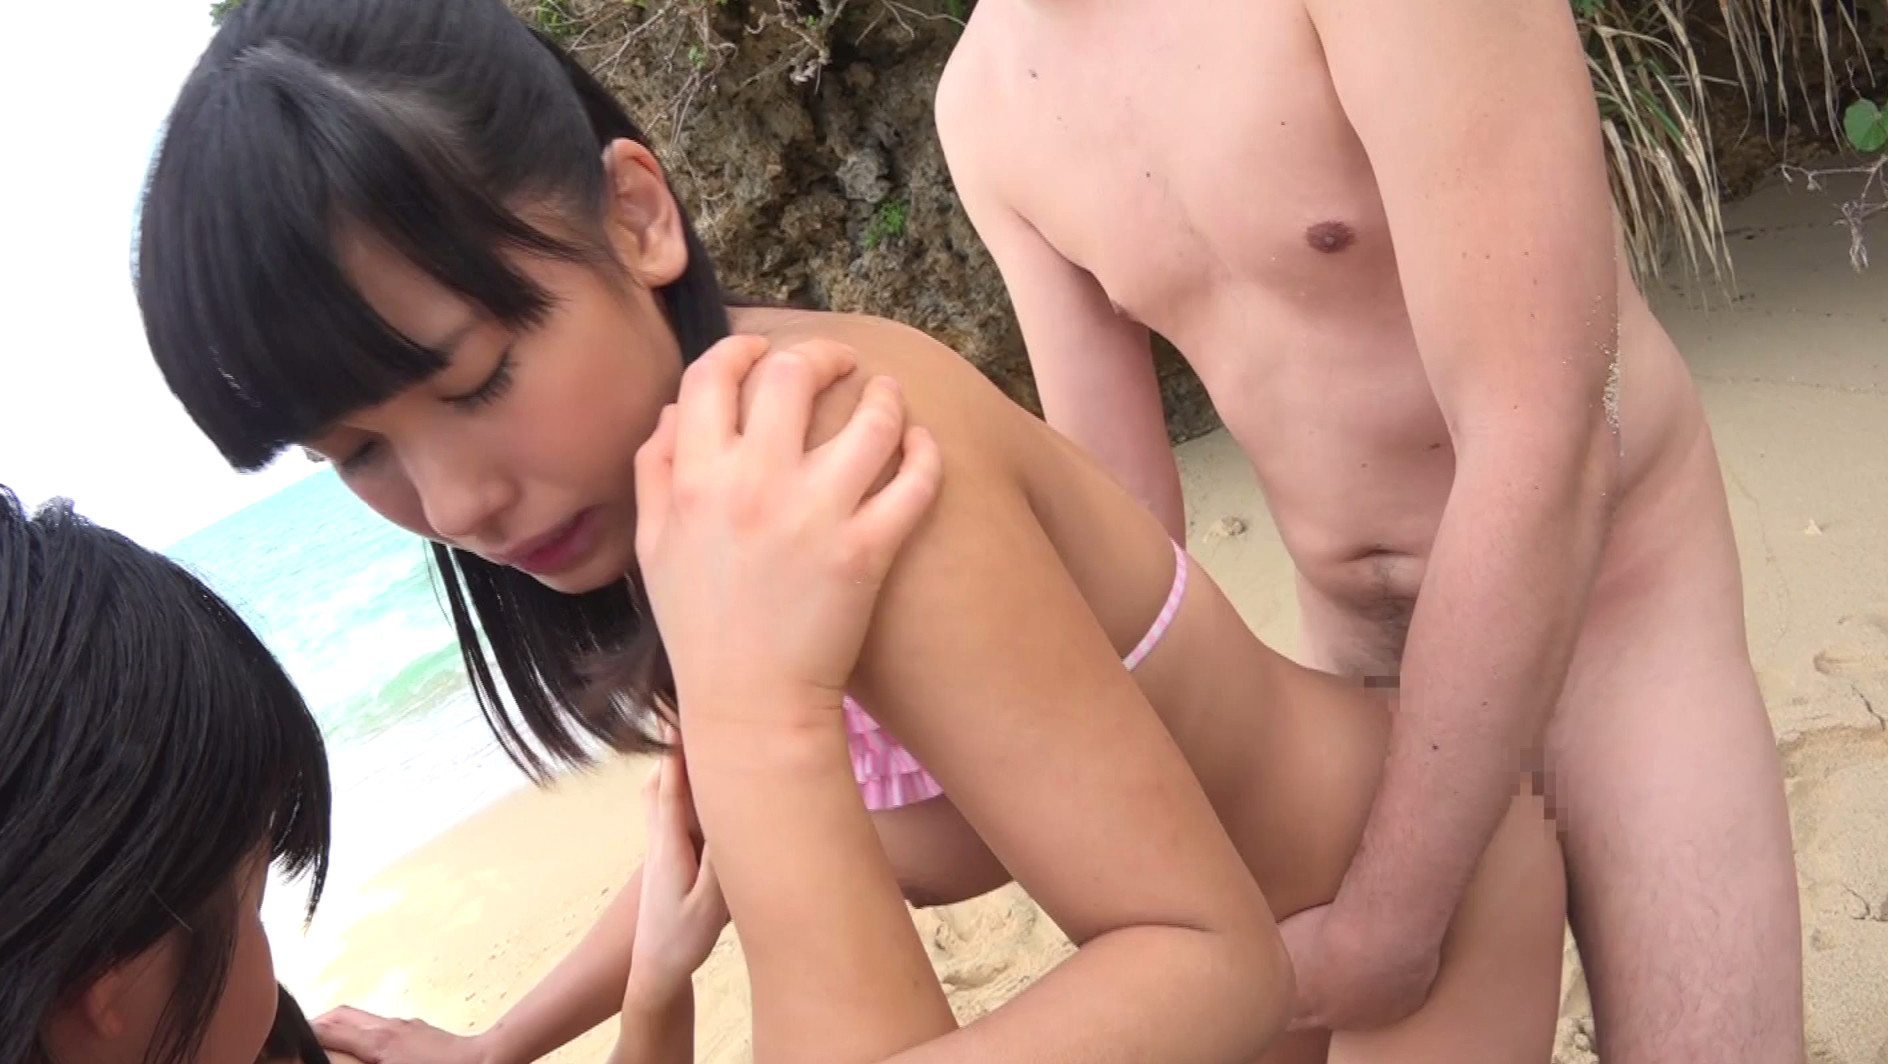 トリプル日焼けロリィちゃん 海辺で遊ぶパイパン娘をナンパして中出し乱交しちゃいました。,のサンプル画像14